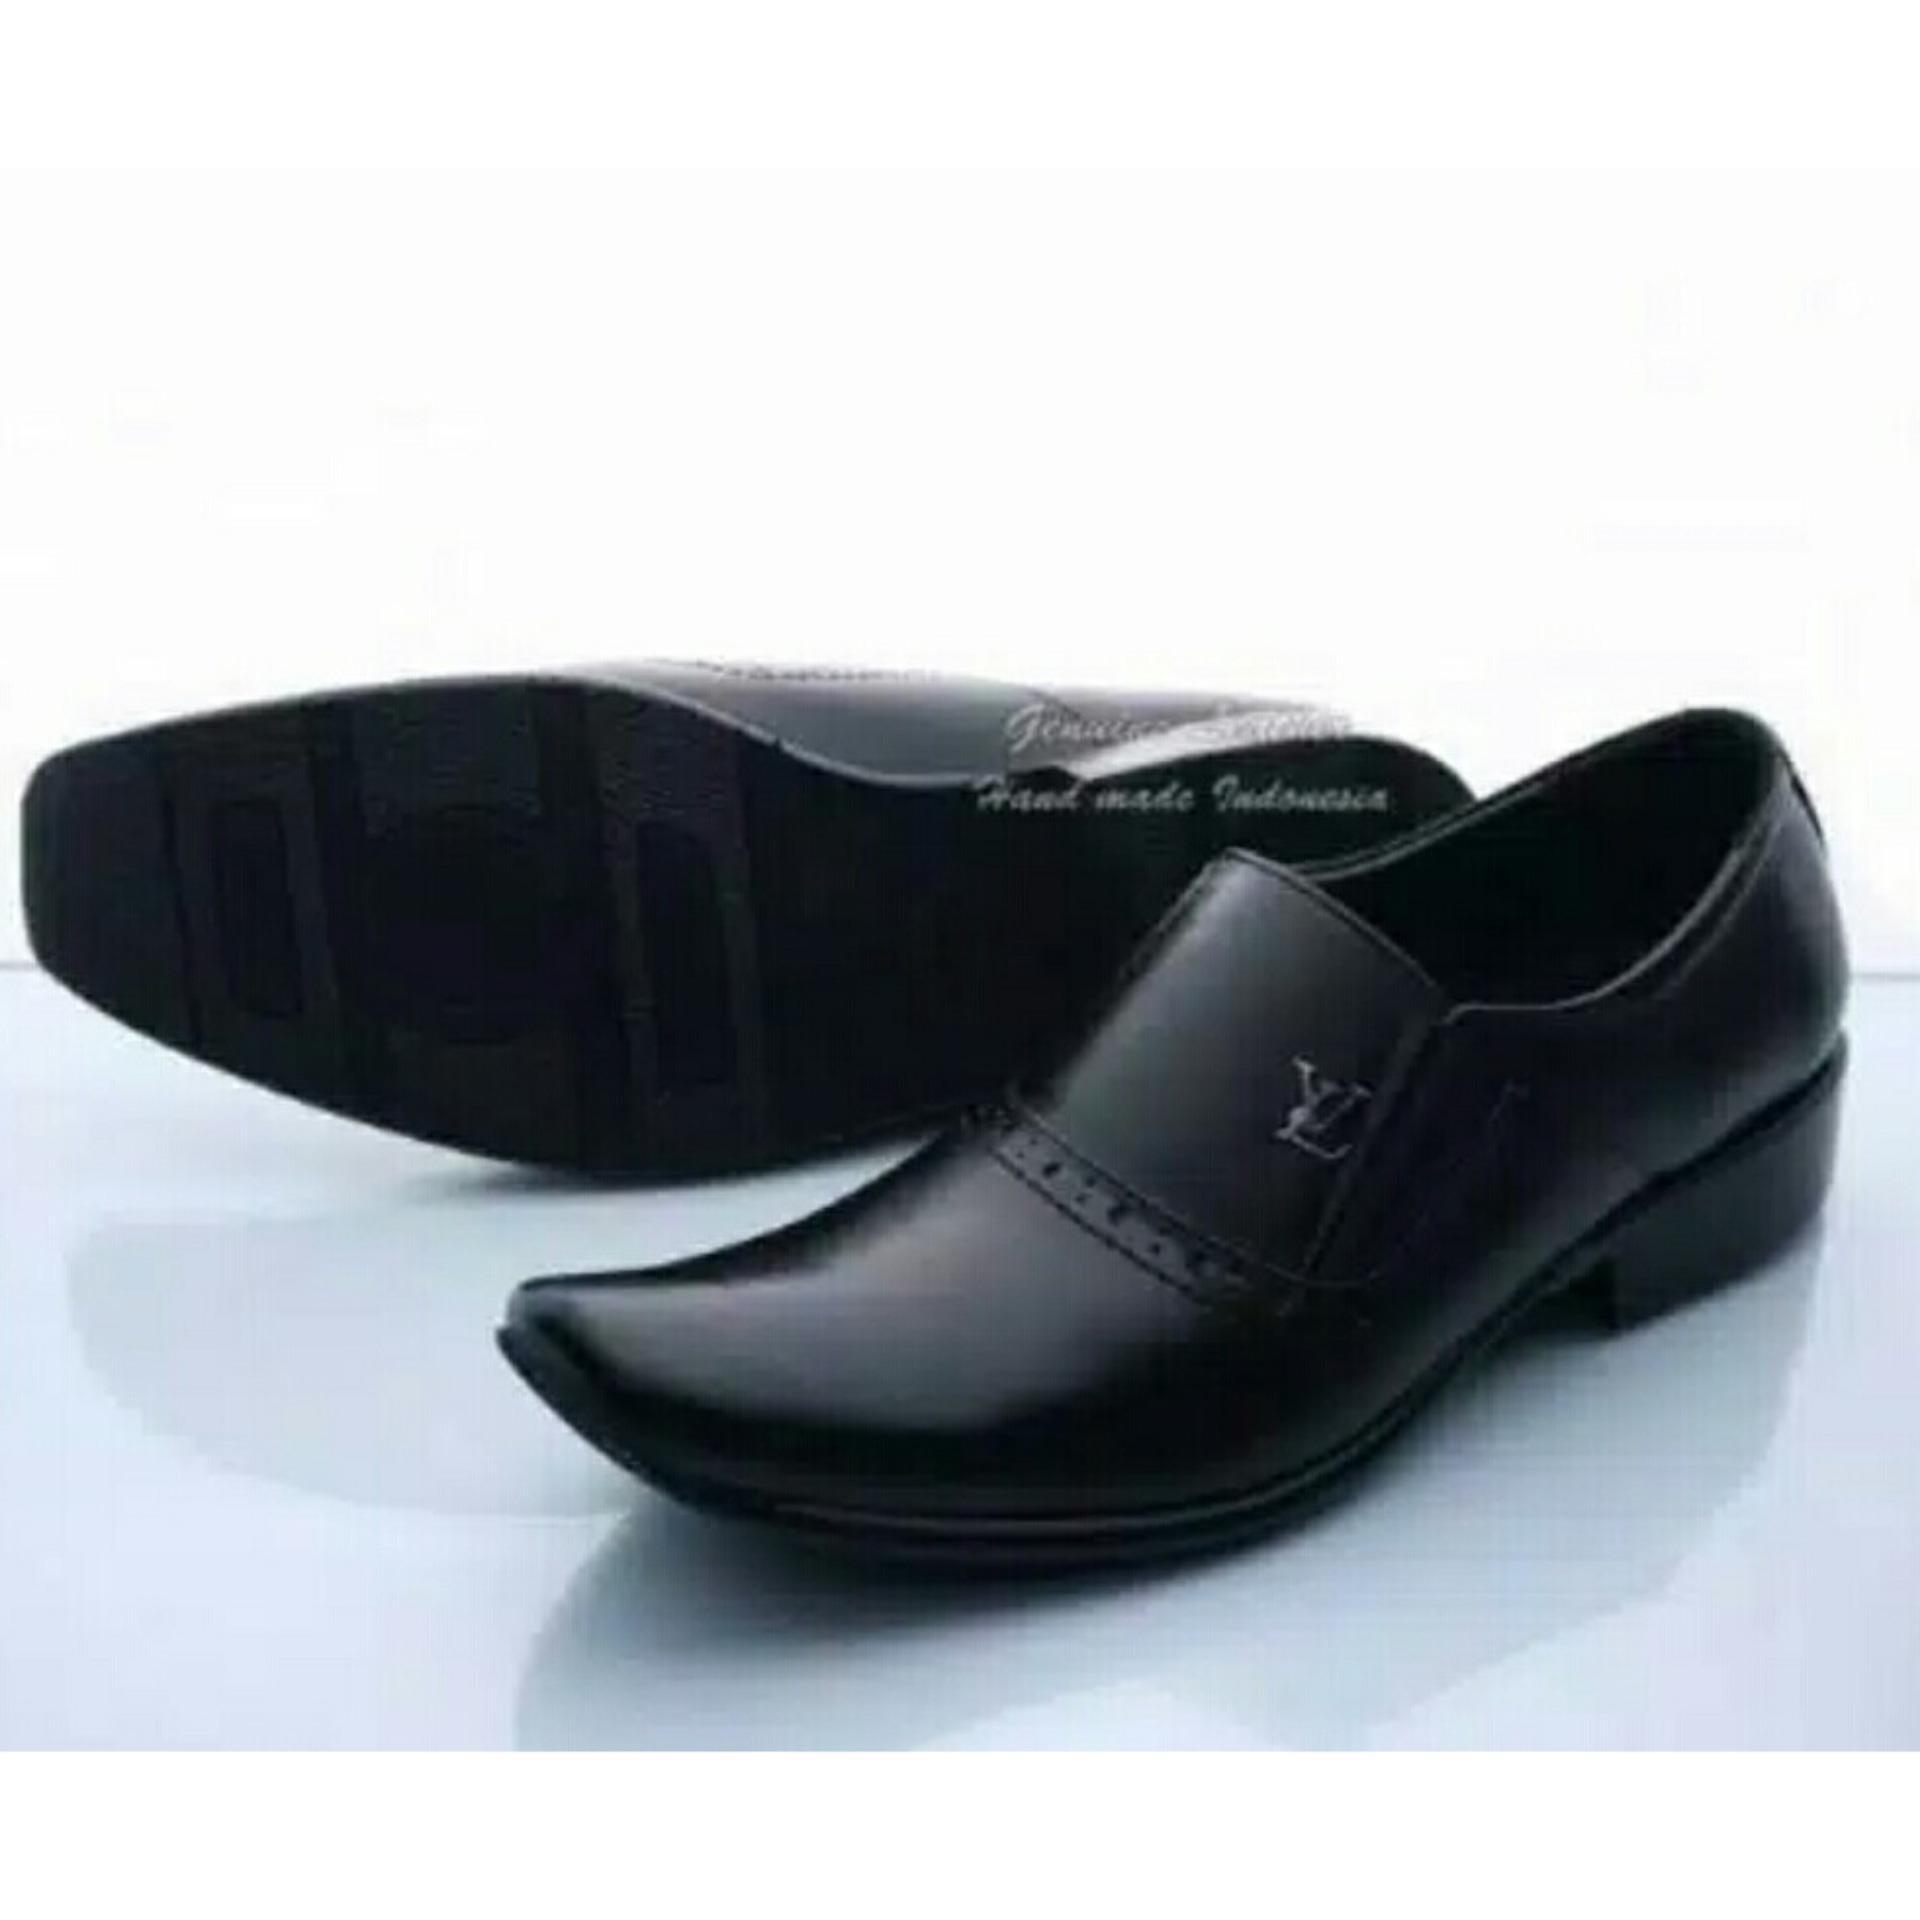 Cek Harga Baru Sepatu Pria Model Pantofel Formal Sepatu Kerja Kulit ... 7047ca33e0